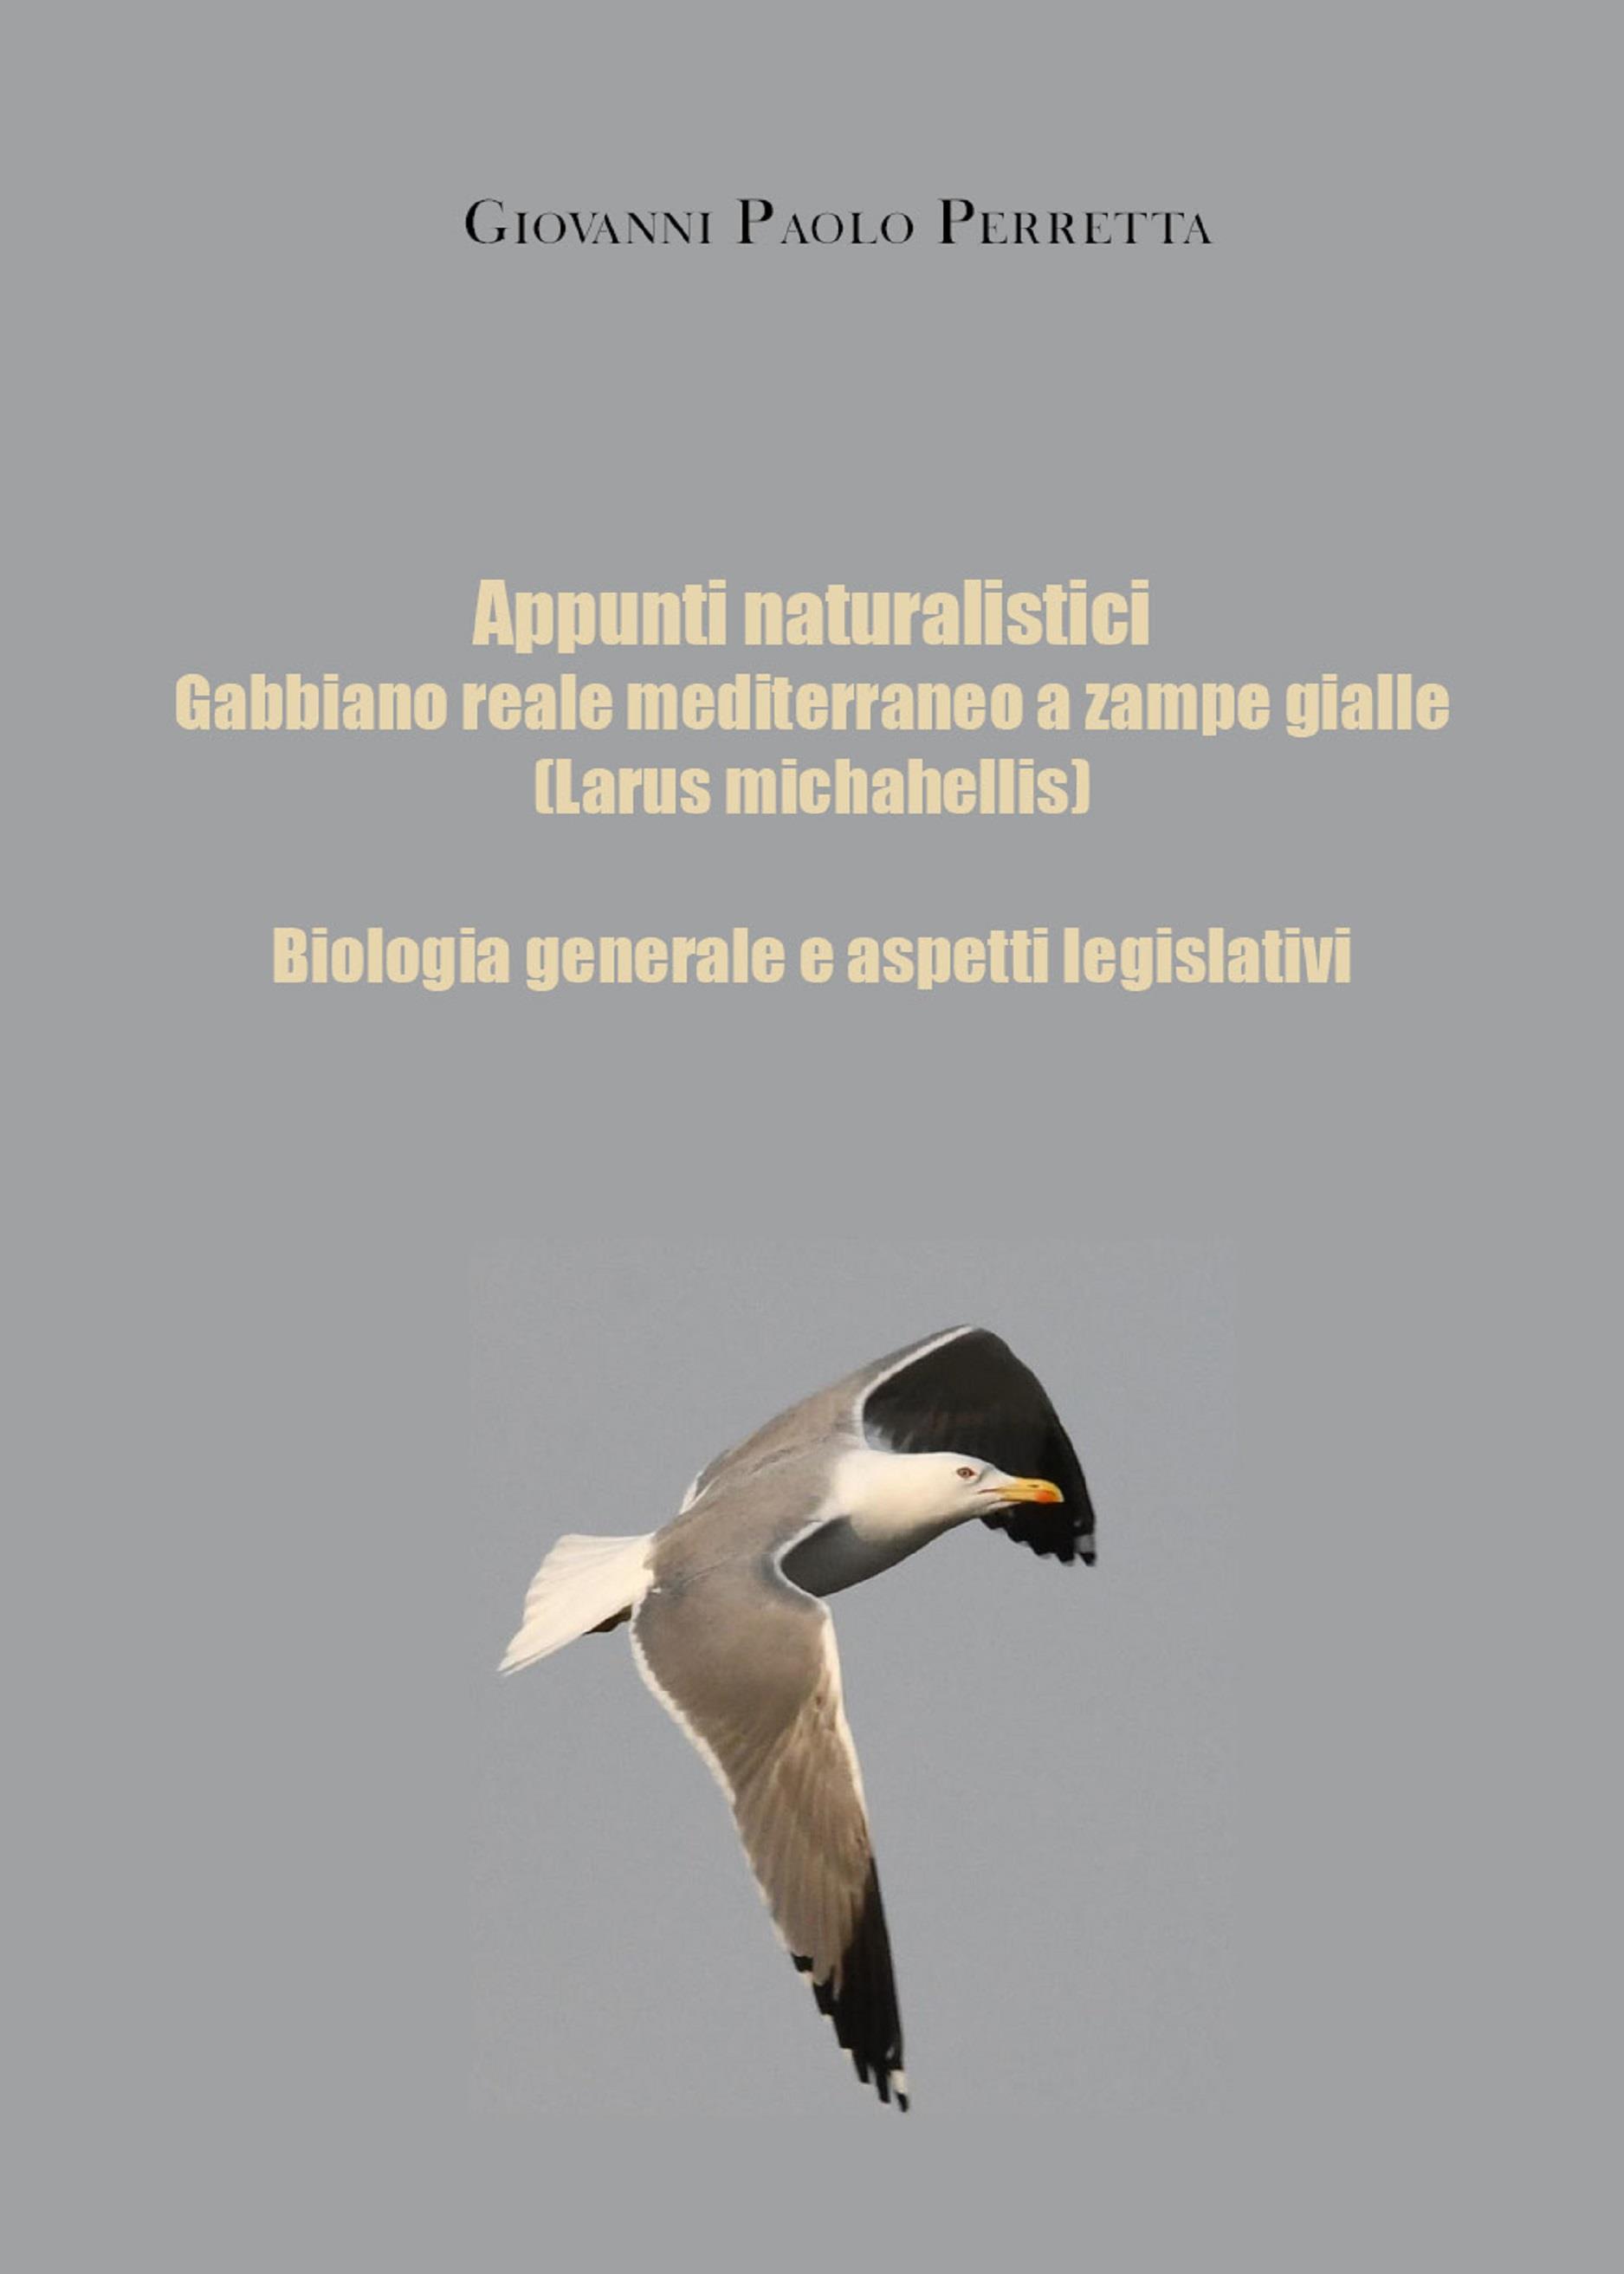 Appunti naturalistici - Gabbiano reale mediterraneo a zampe gialle (Larus michahellis)